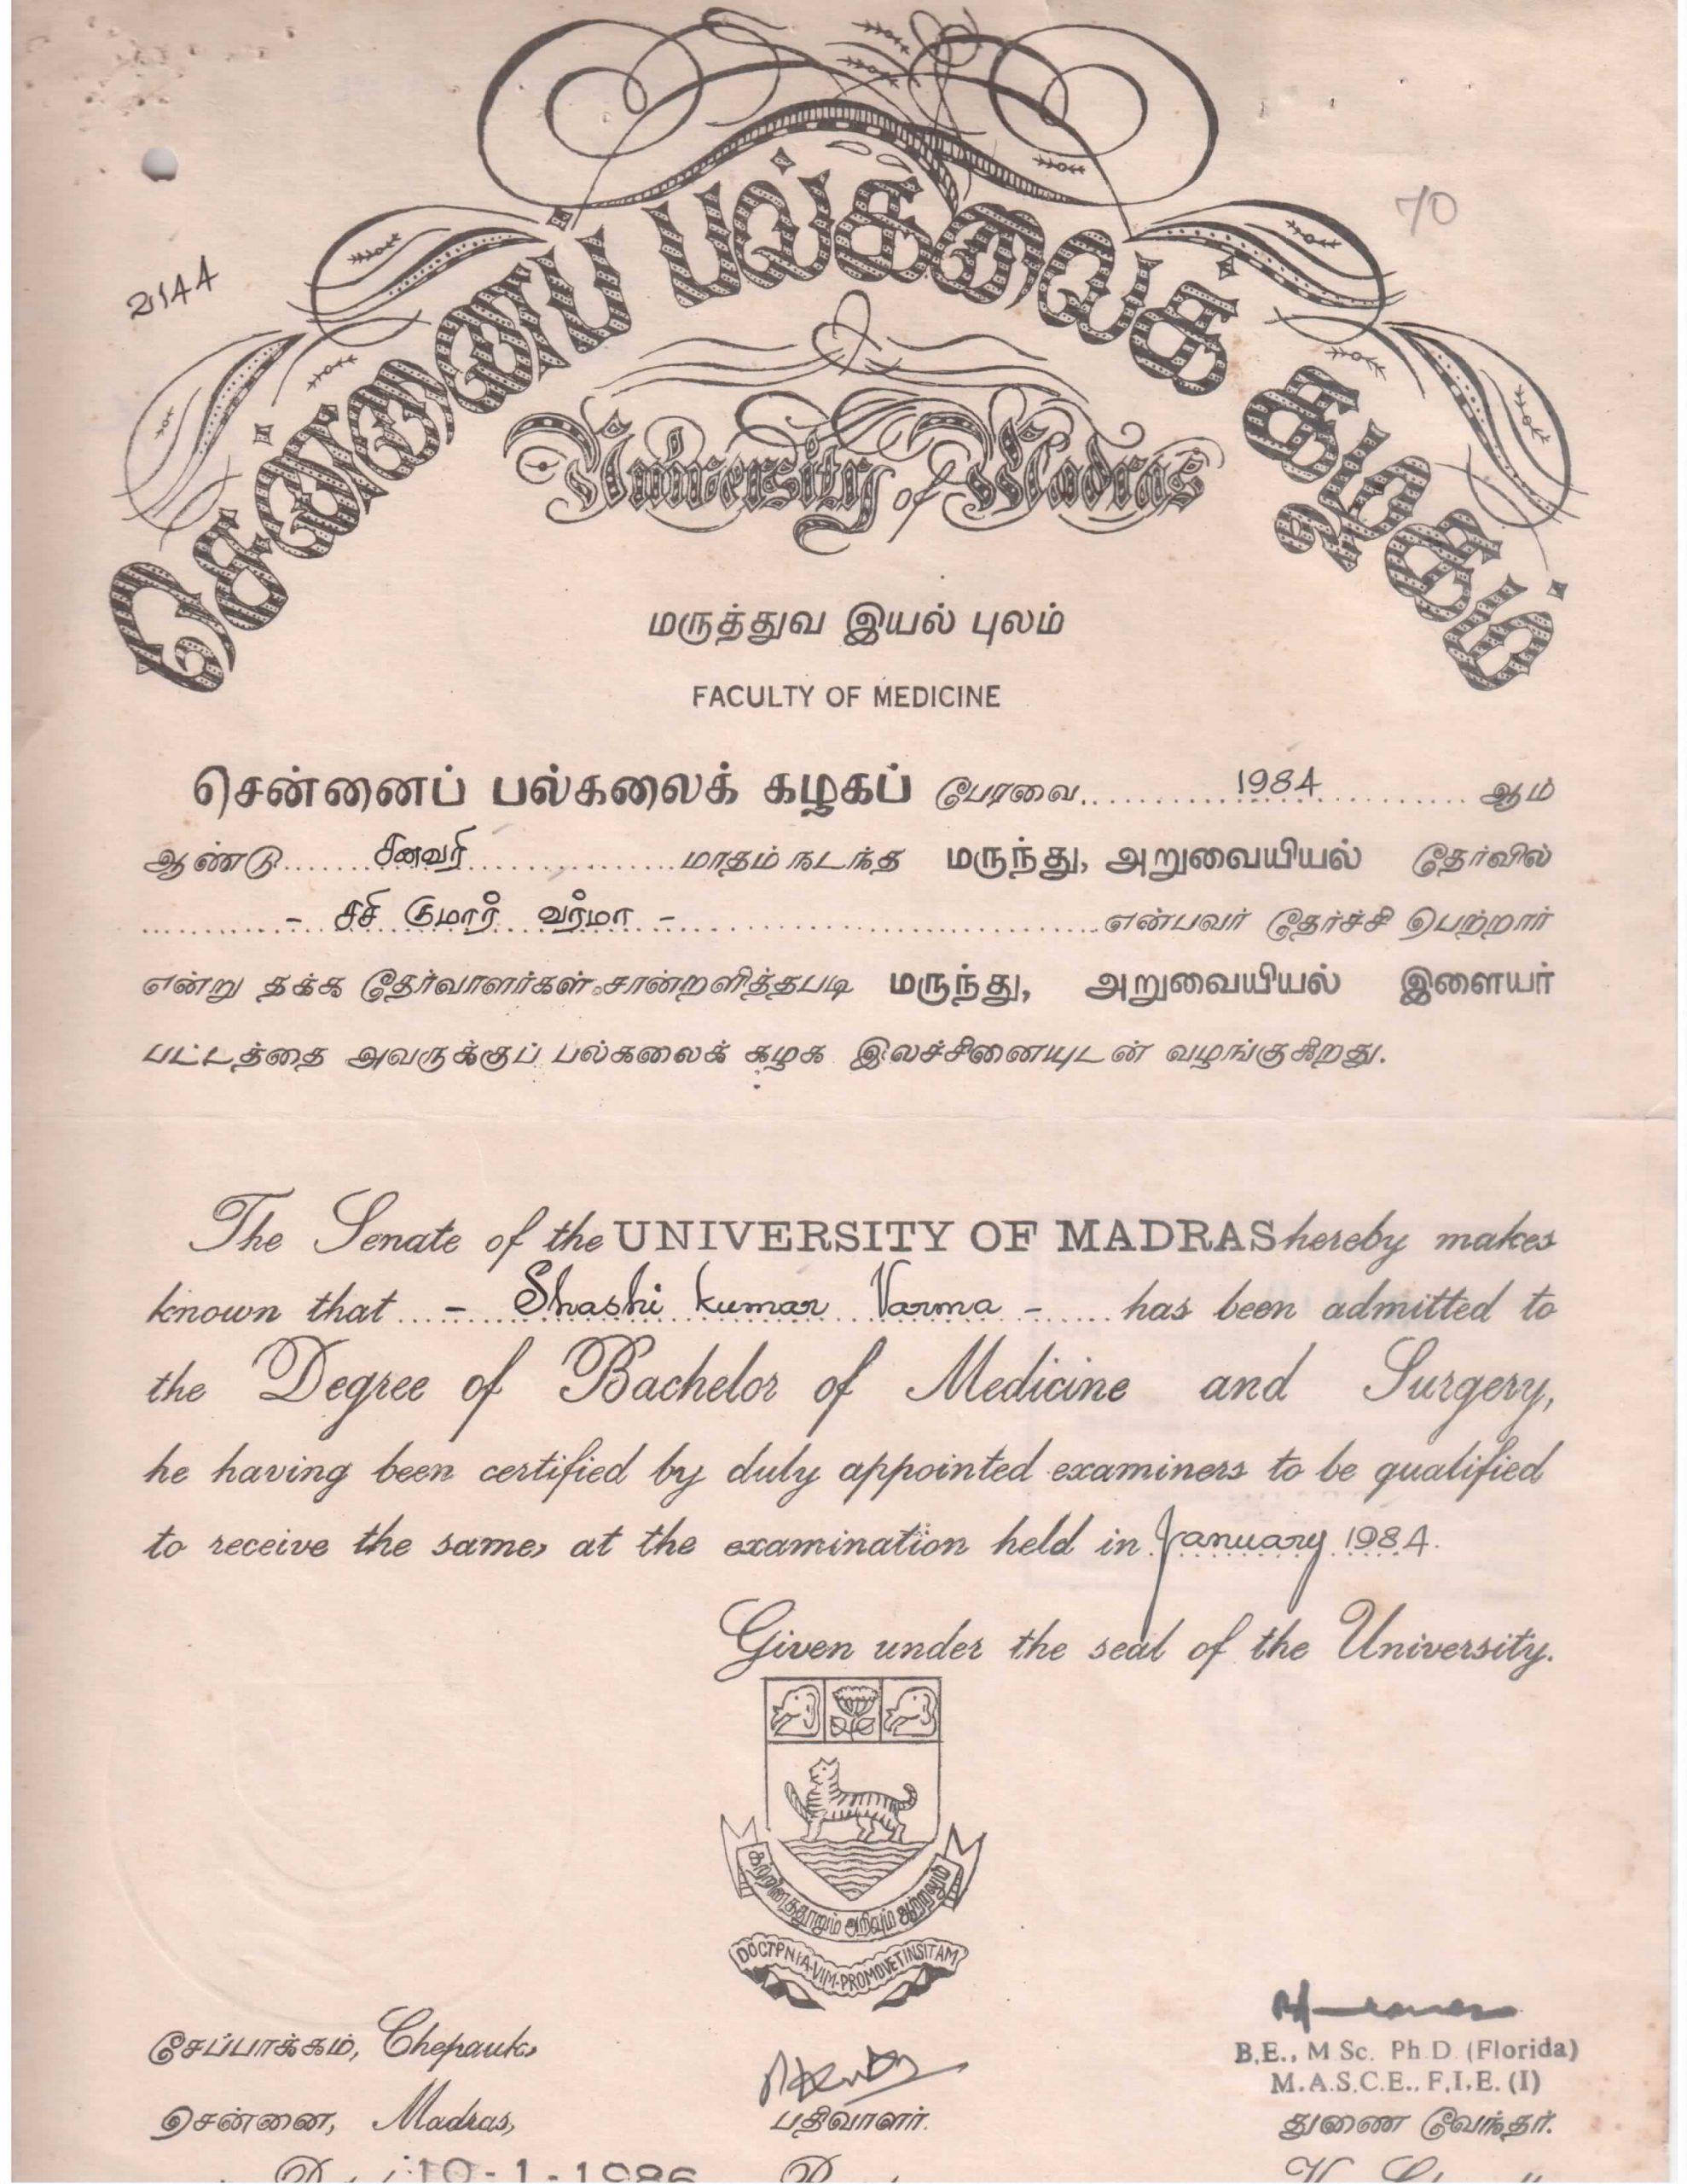 SK Varma (MBBS Certificate)